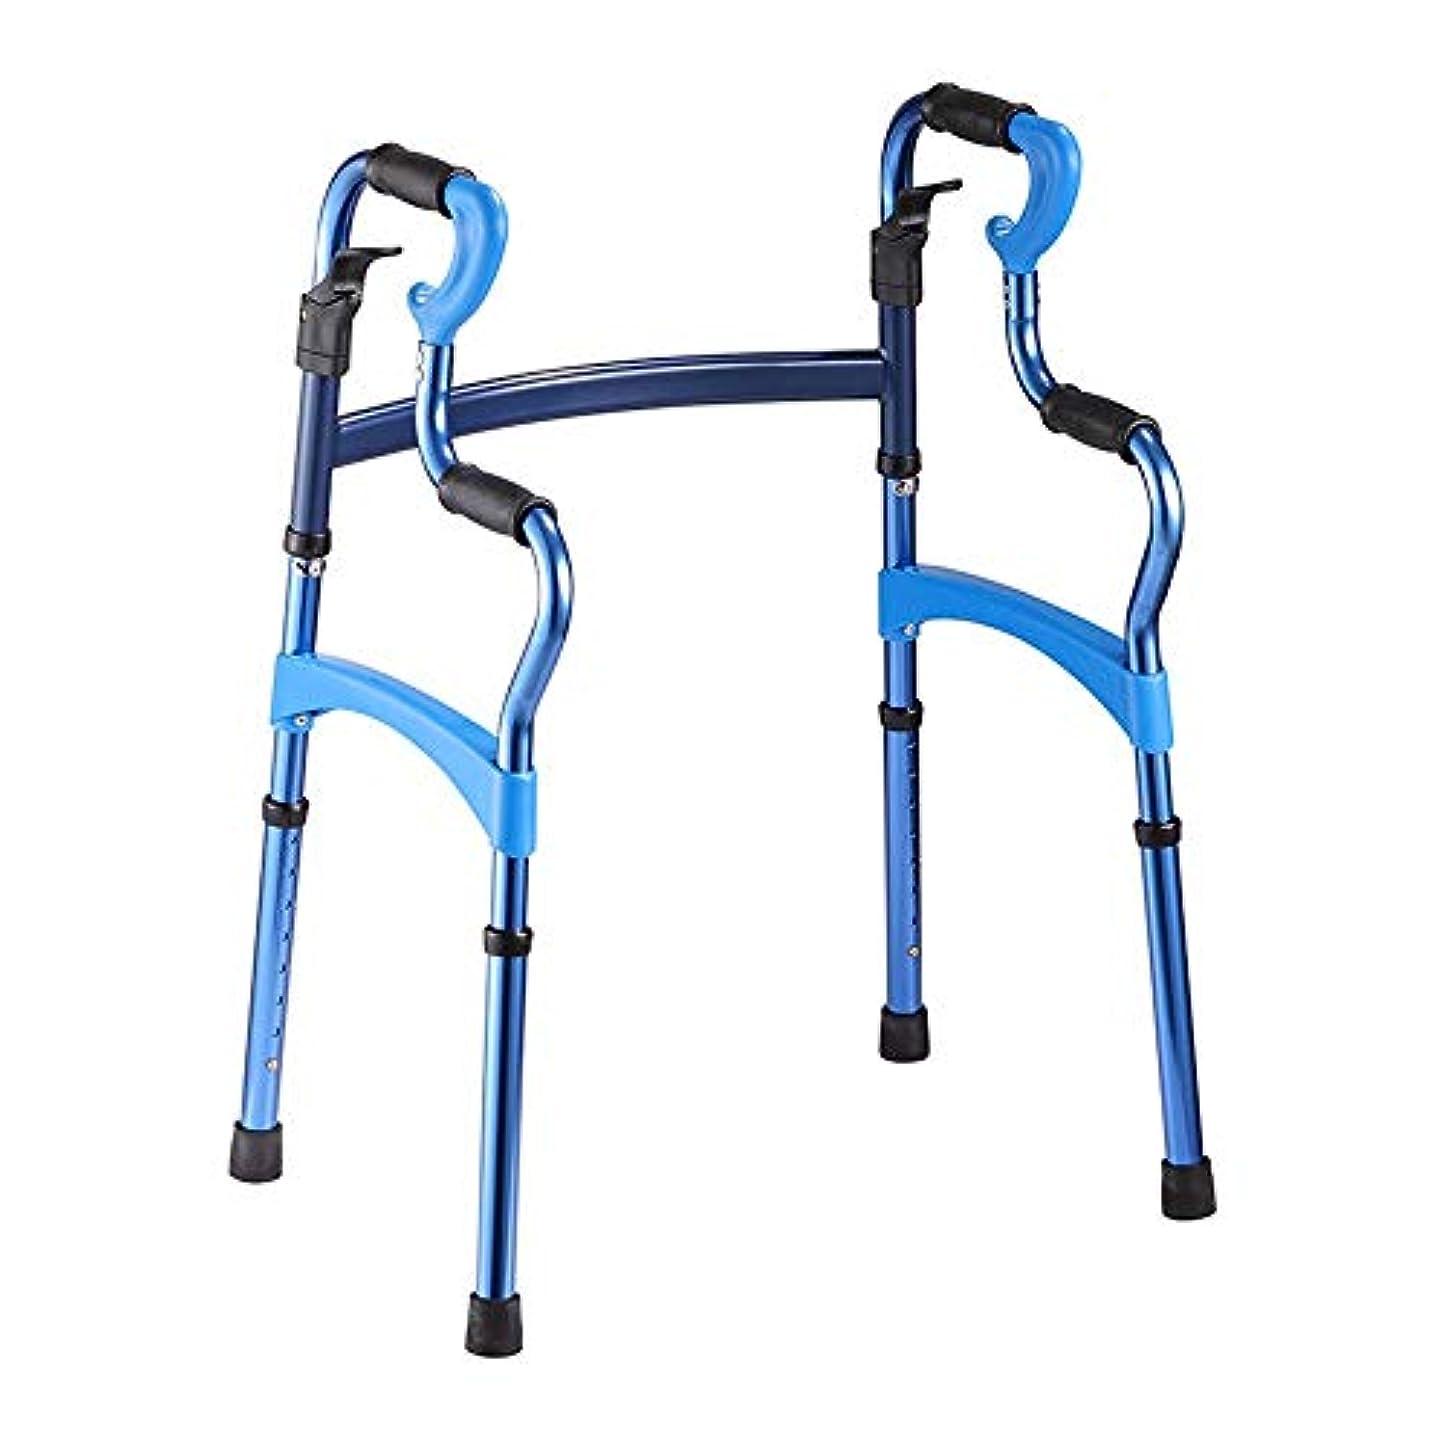 破壊的な退化する衣装高齢者、障害者、障害者、または負傷者のための調整可能な折りたたみ歩行補助具、軽量で調整可能な移動補助具